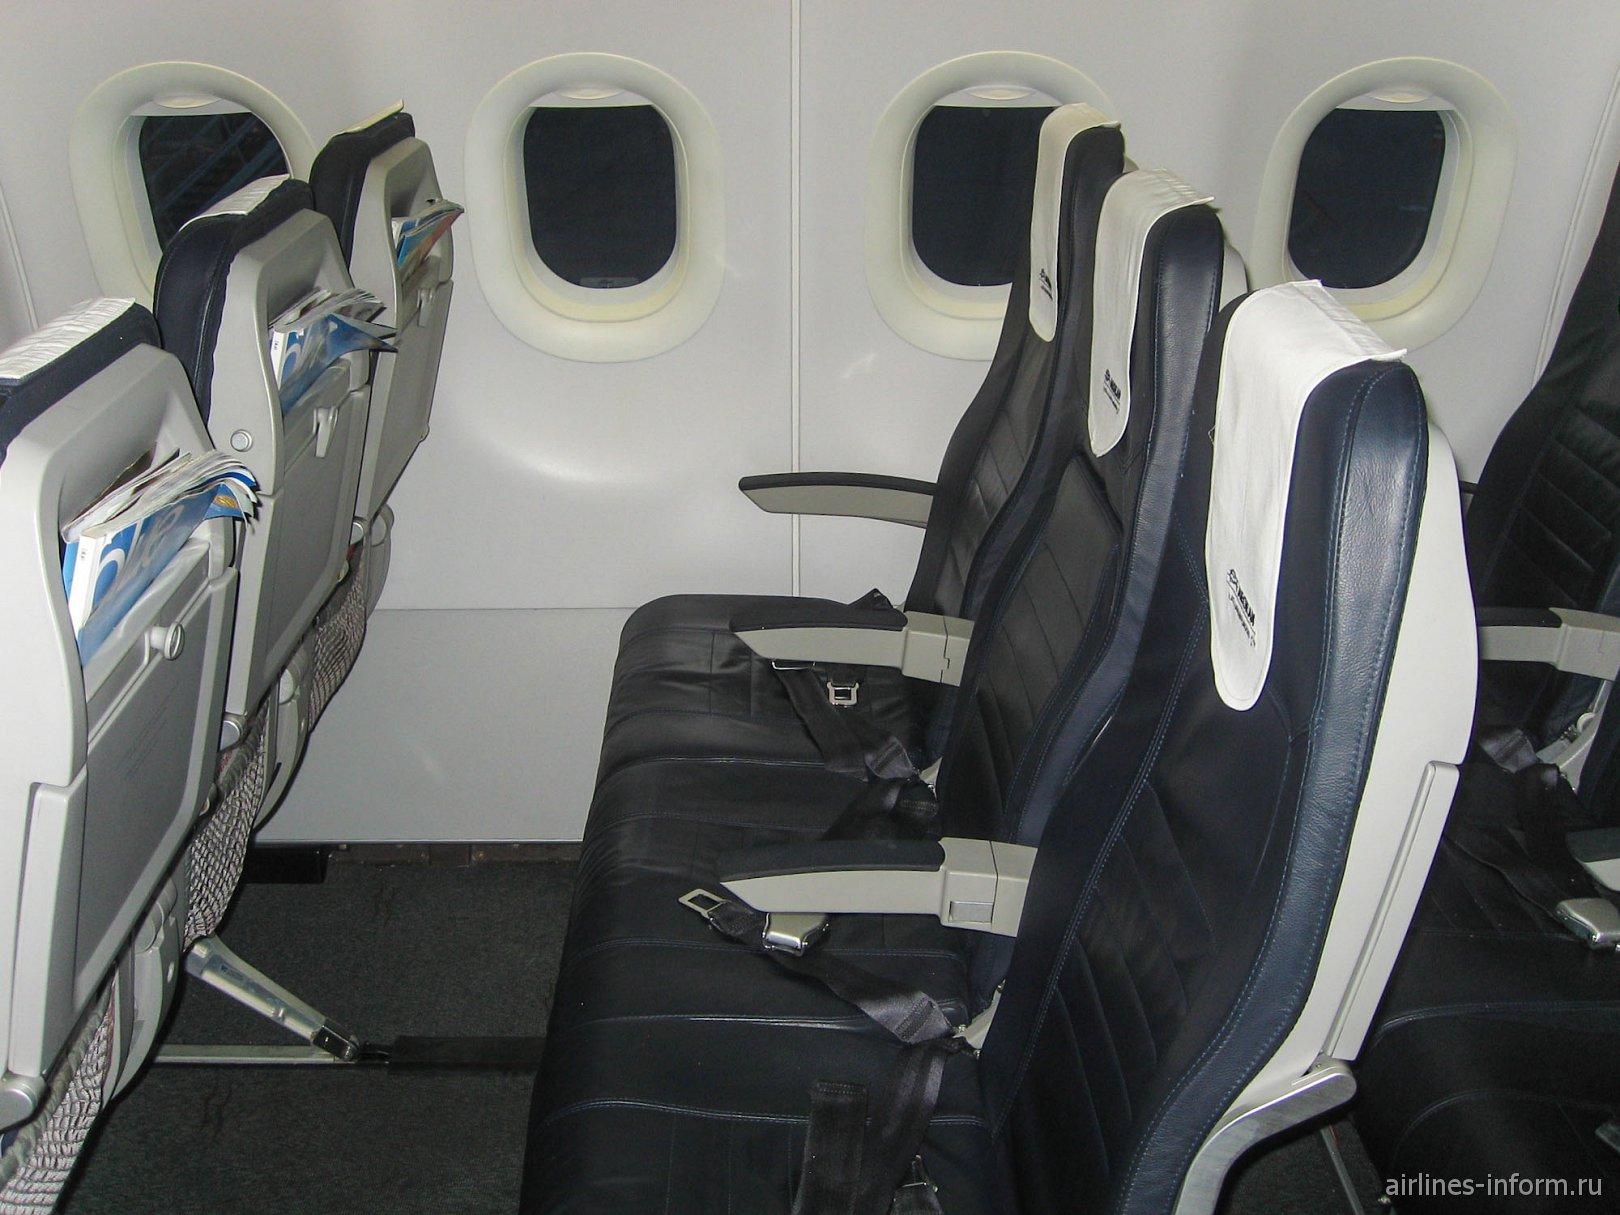 Пассажирские кресла в самолете Airbus A320 Эгейских авиалиний